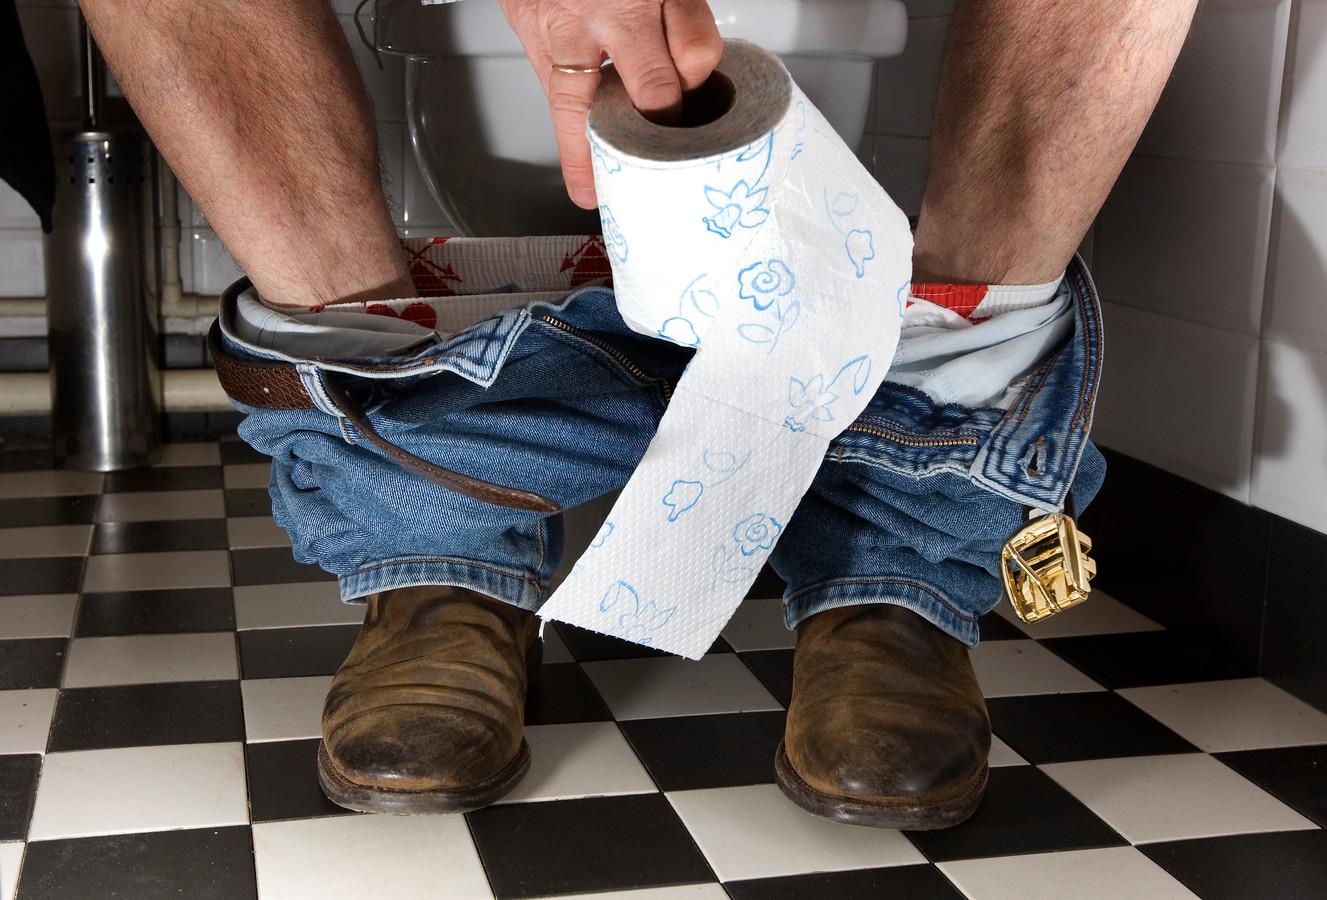 Volgens Harry weigerden agenten hem naar de wc te laten gaan.